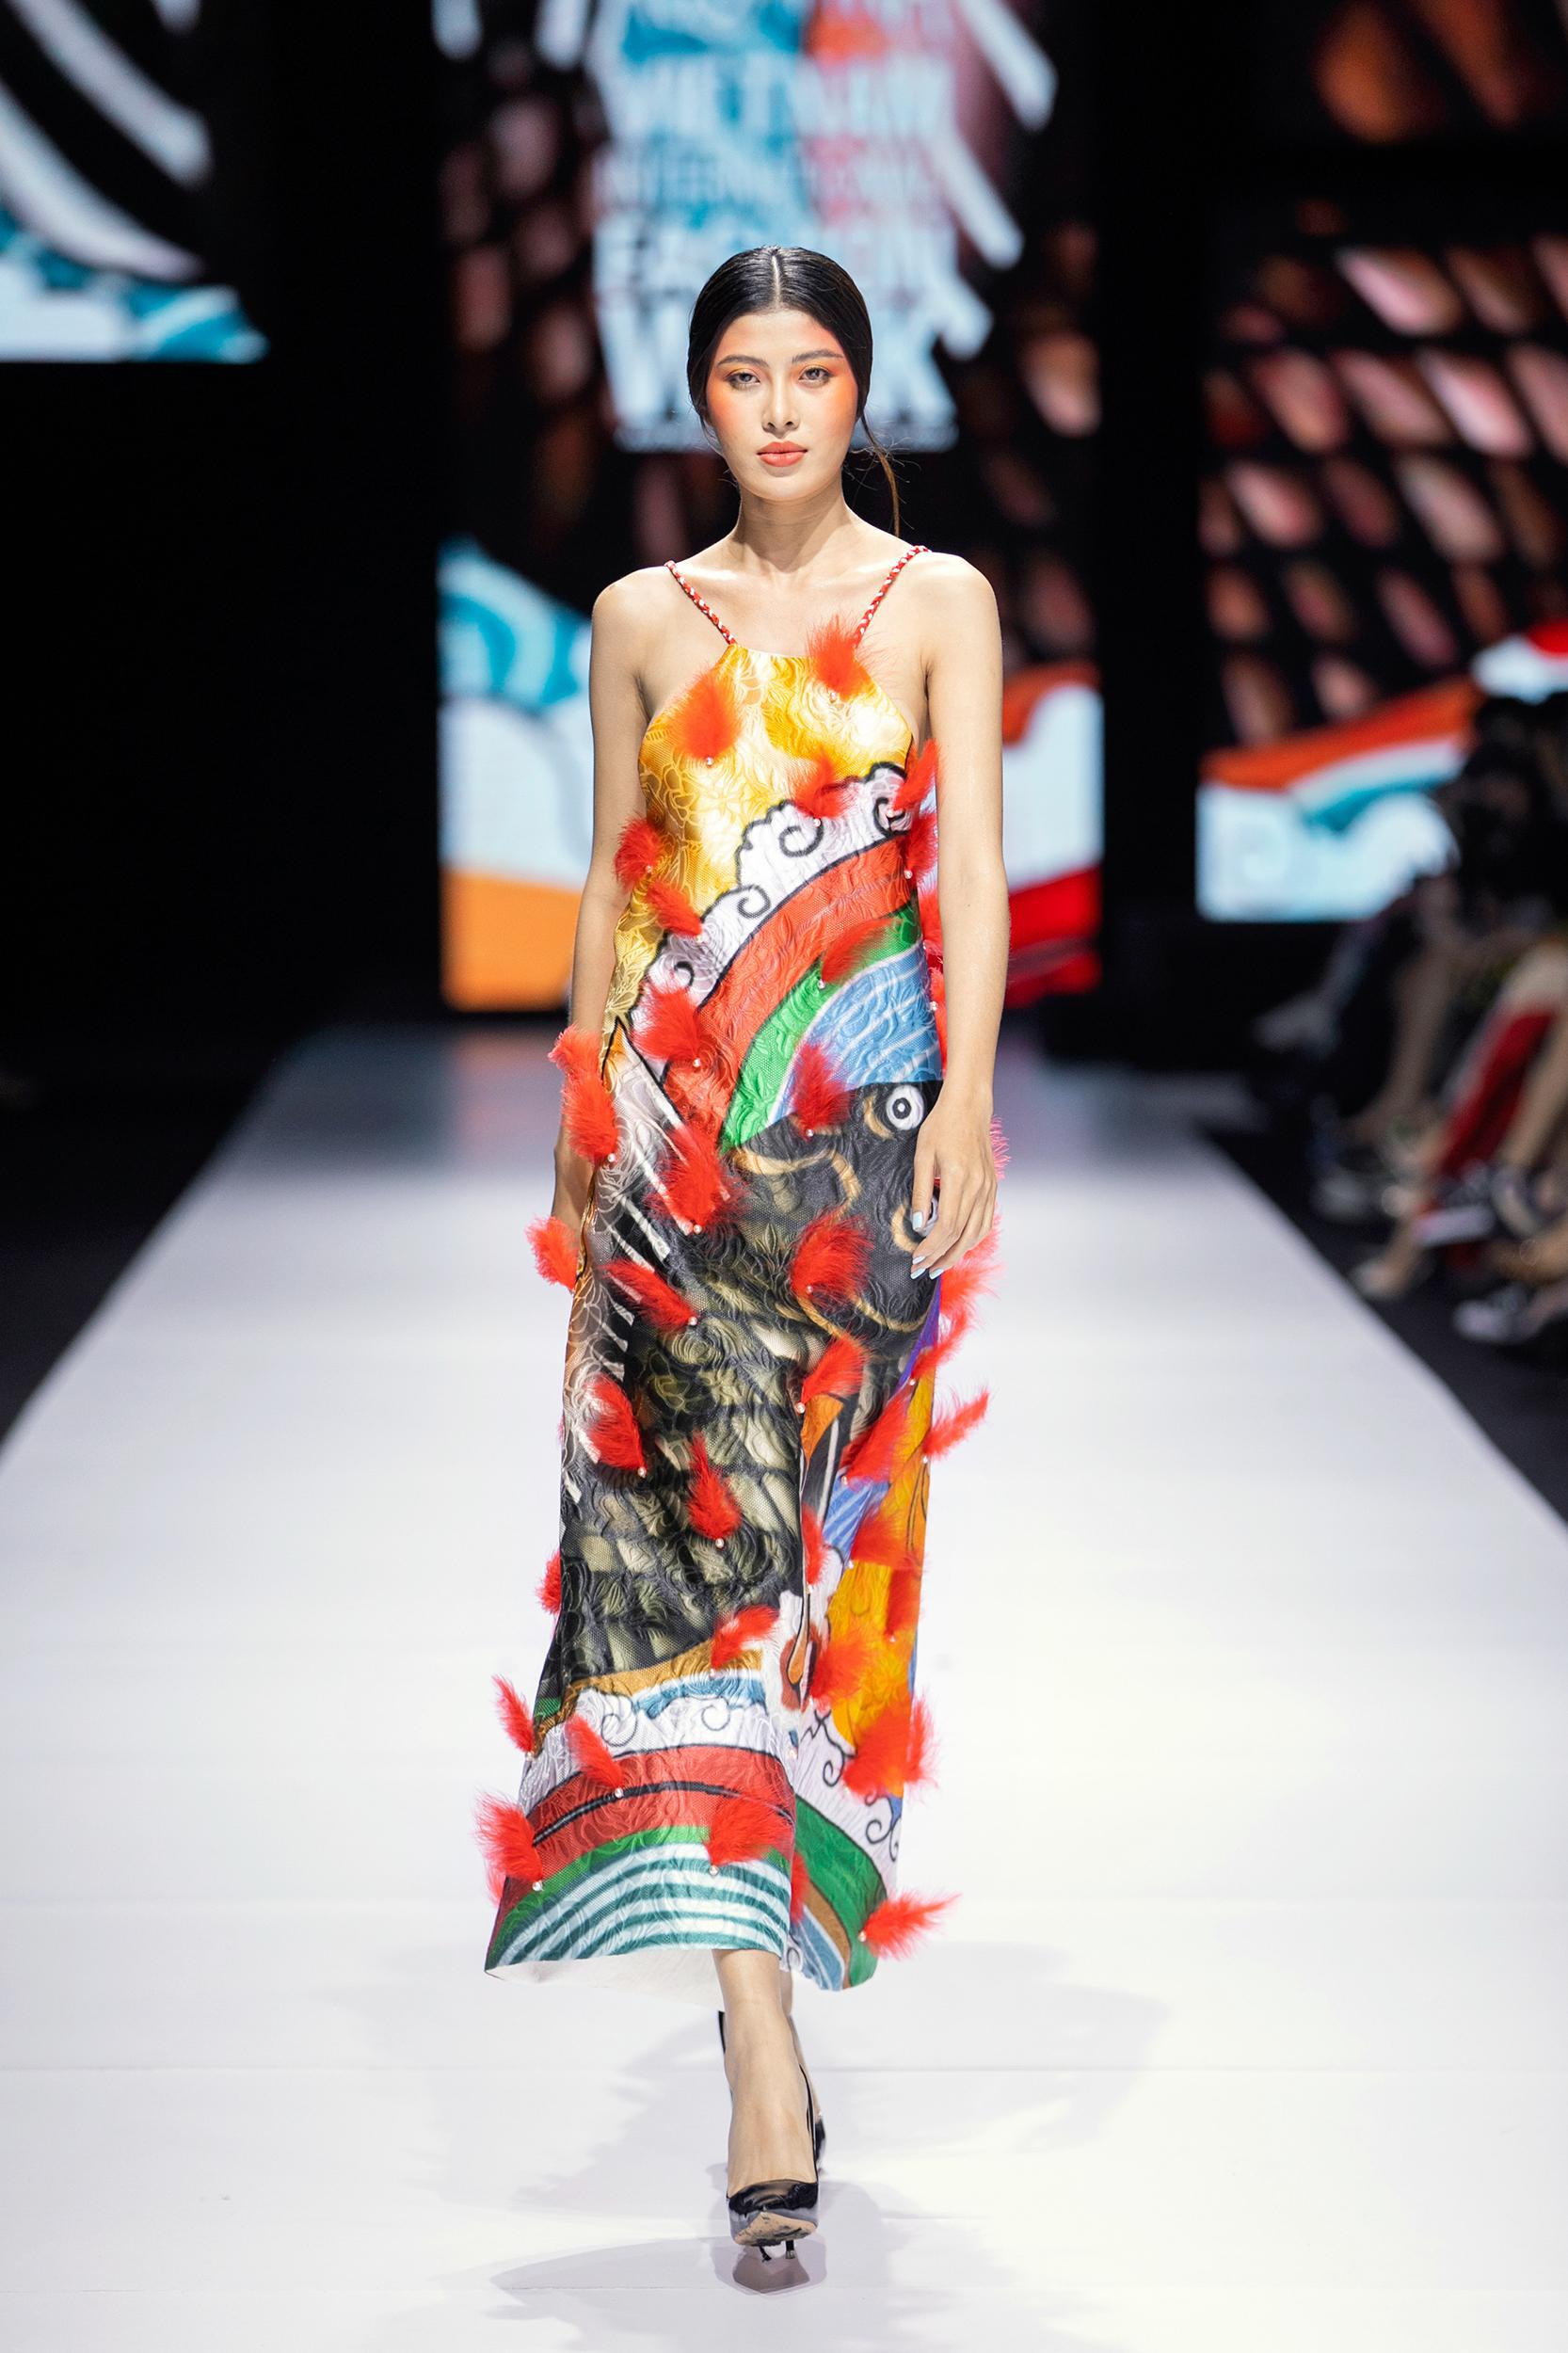 Góp mặt tại sự kiện thời trang Việt toàn lão làng, 3 NTK trẻ này vẫn thể hiện được chất riêng không trộn lẫn - Ảnh 6.